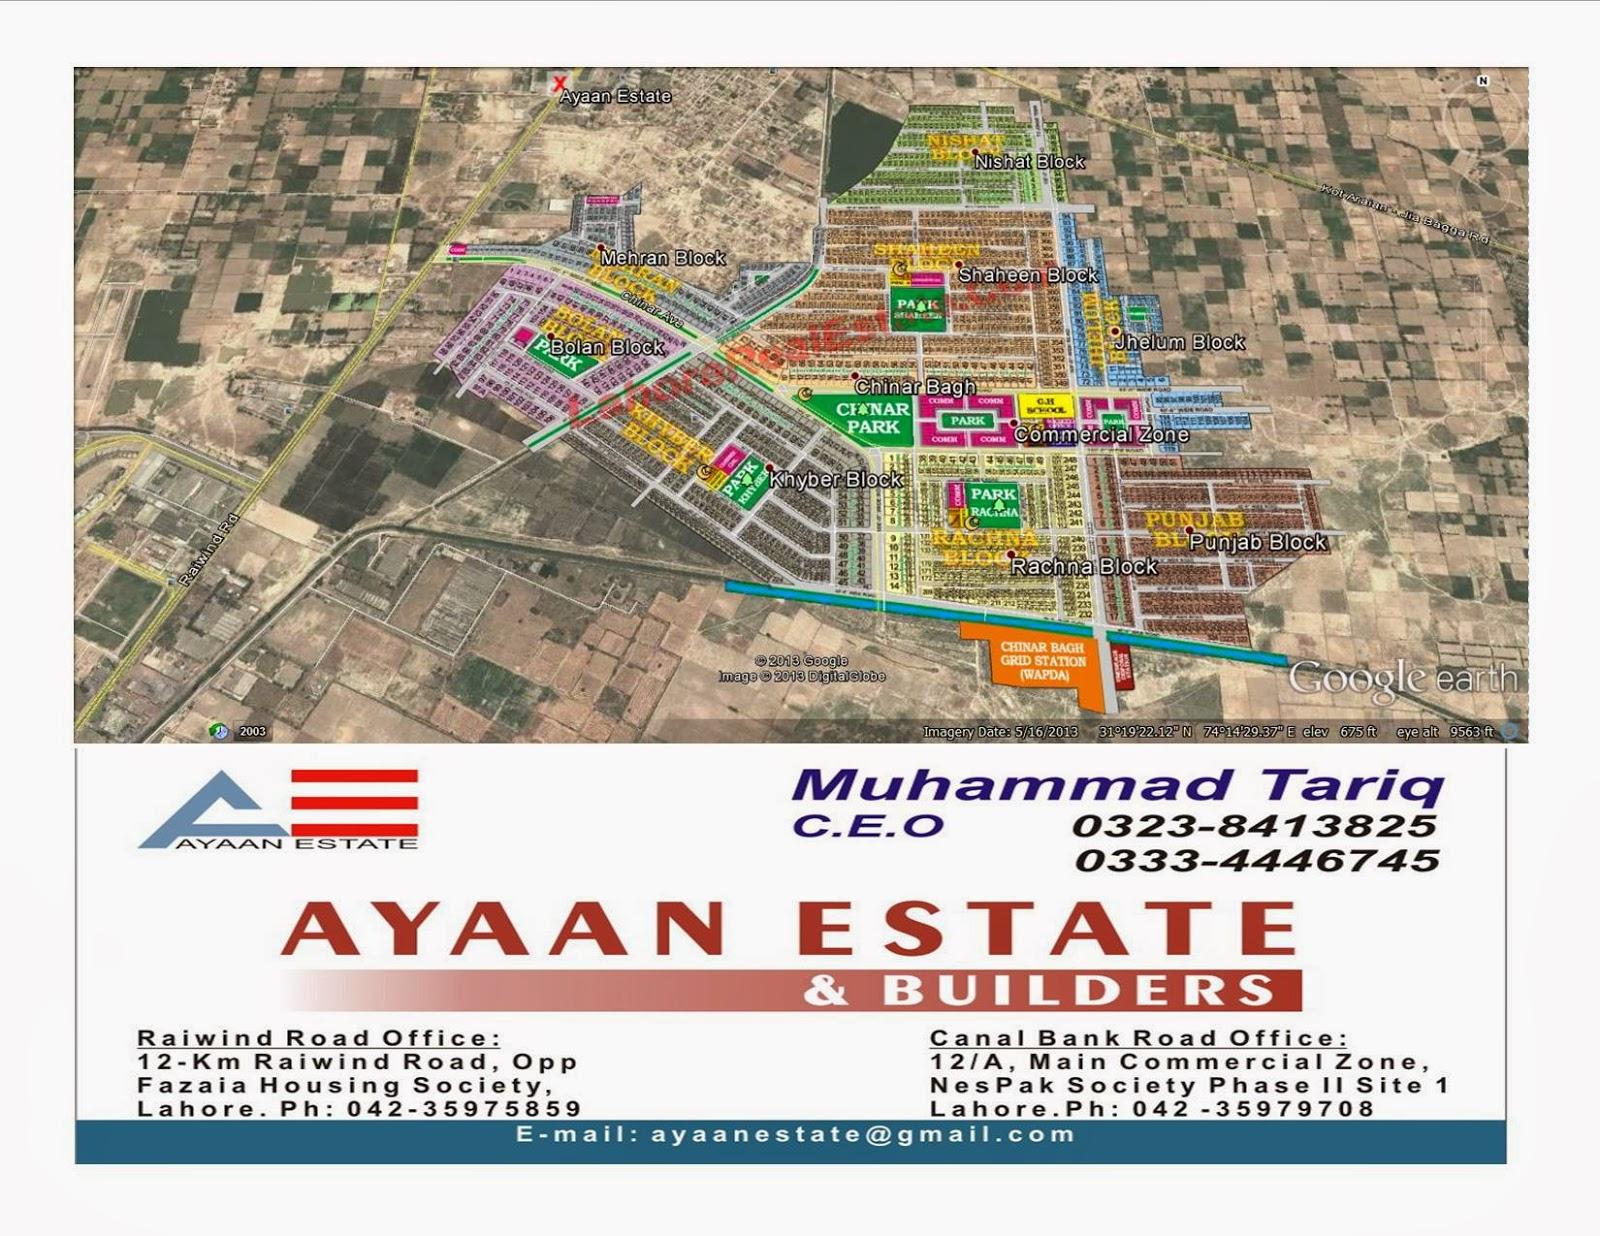 AYAAN ESTATE & BUILDERS: Chinar Bagh Raiwind Road Lahore